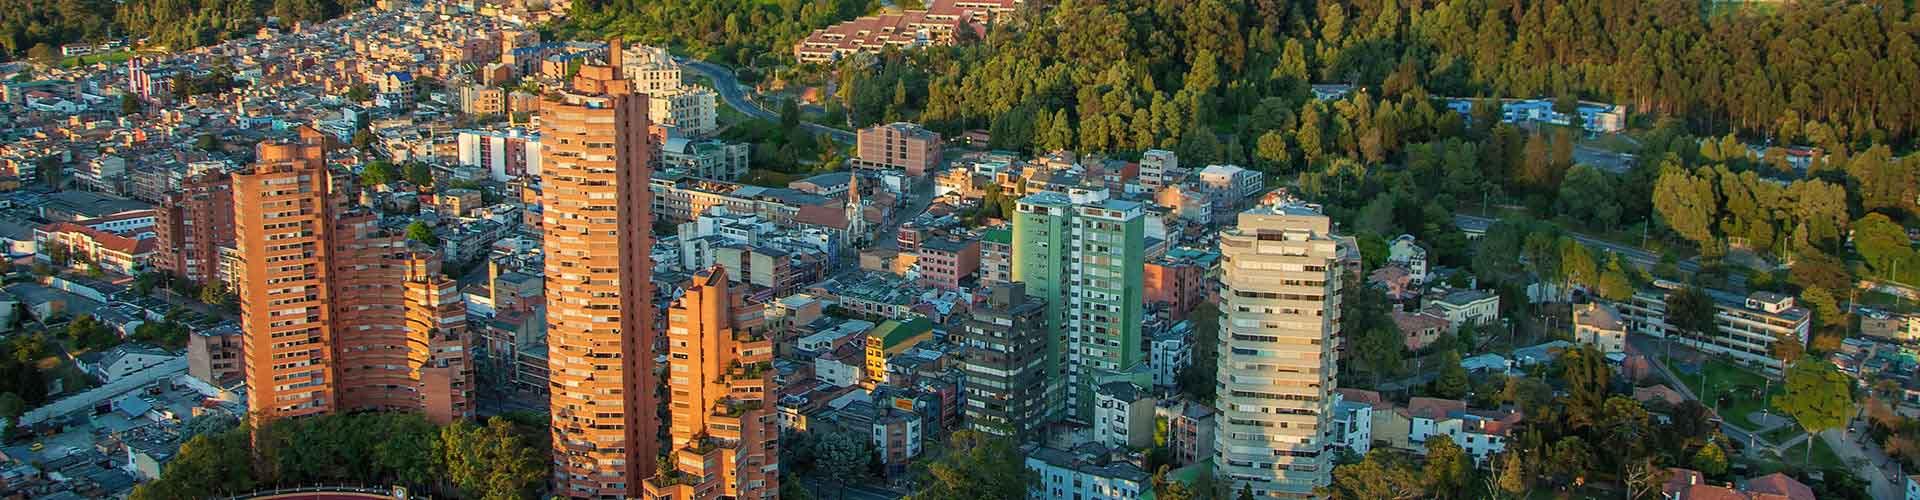 Bogota - Chambres pas chères dans le quartier de Nicolás de Federmán. Cartes pour Bogota, photos et commentaires pour chaque chambre à Bogota.